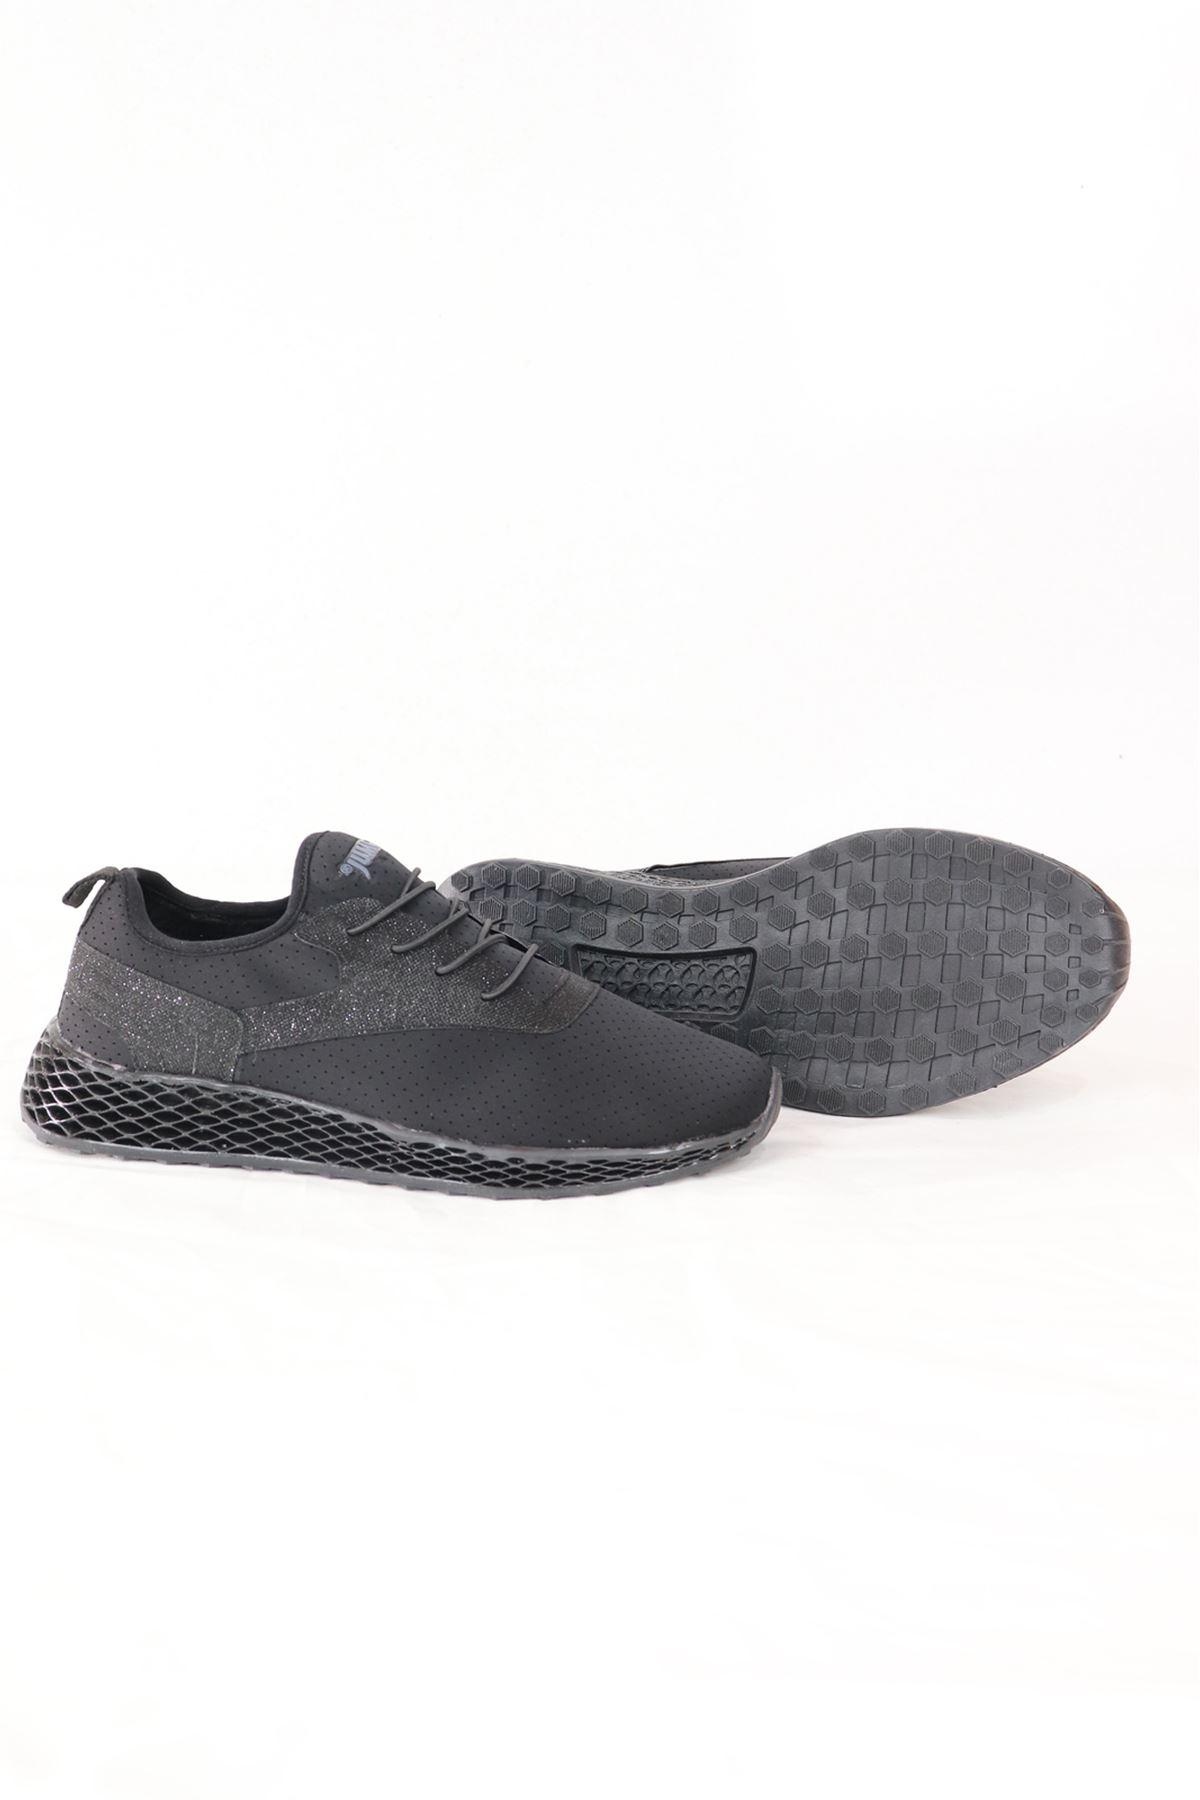 Jump - 24897 - Siyah Sim Deyatlı Kadın Spor Ayakkabısı